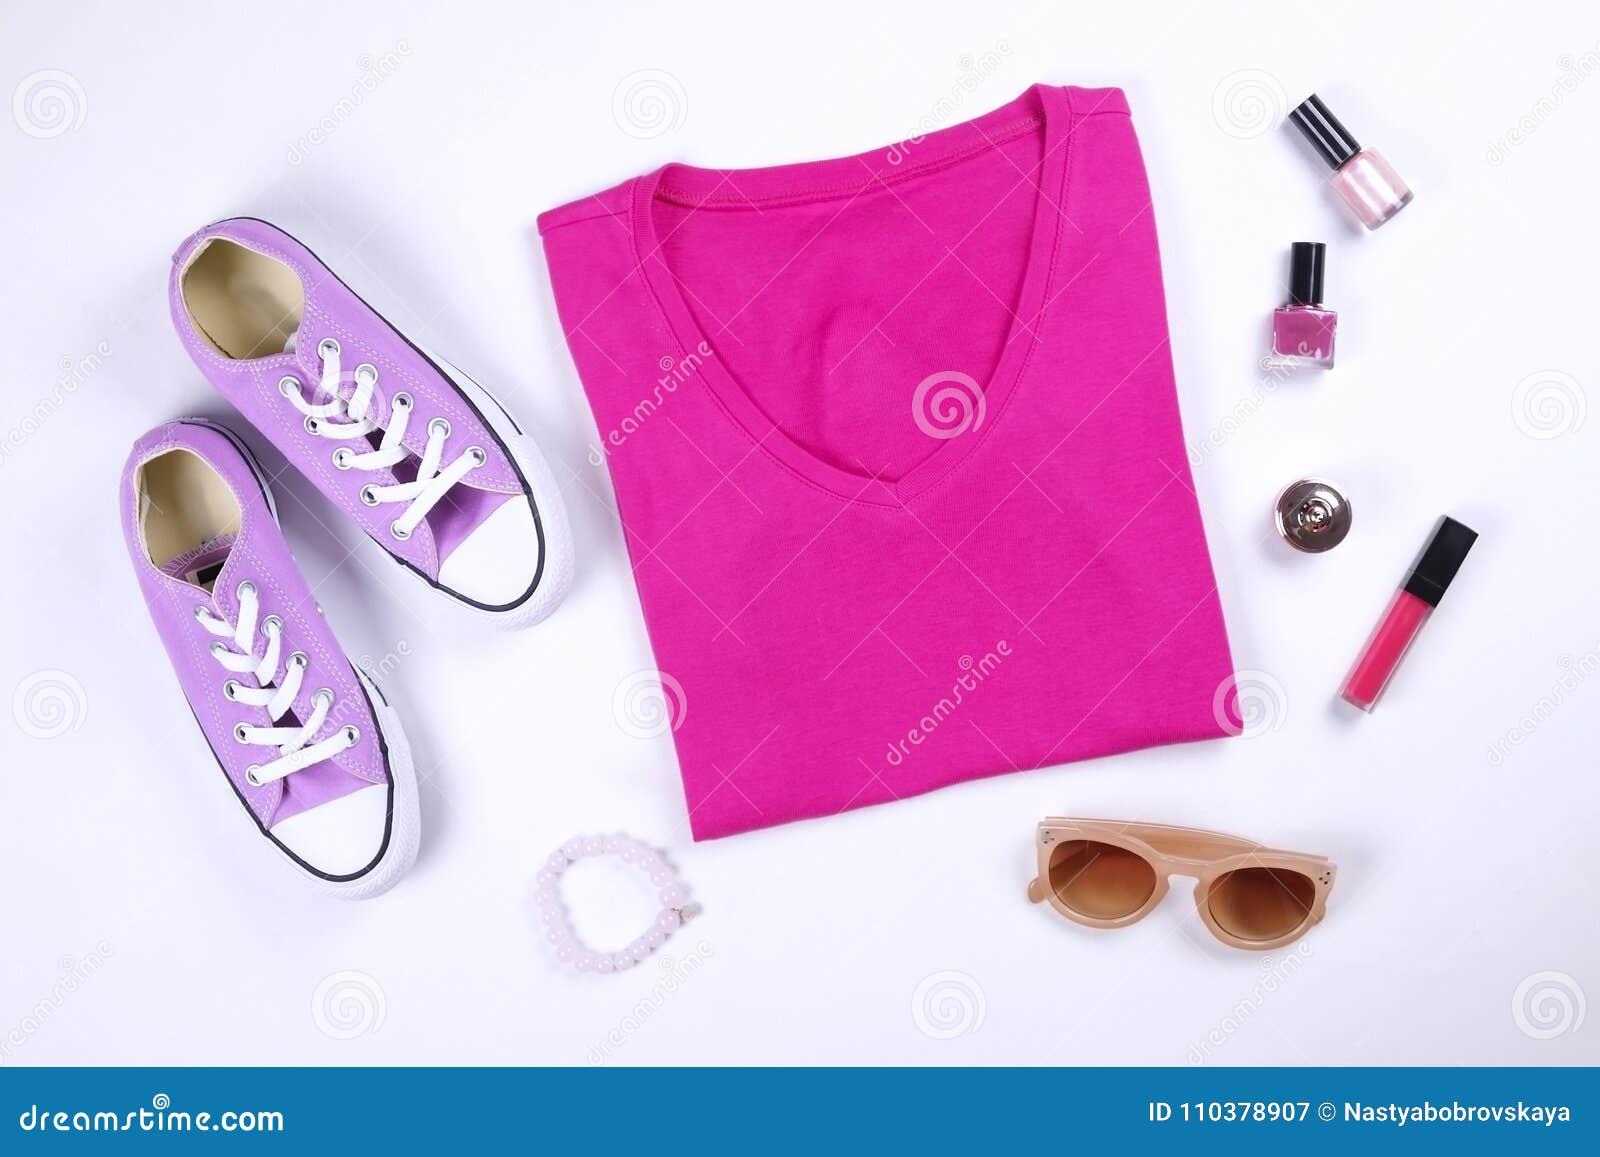 8b22a00bef83 Roupa feminino à moda, na moda e acessórios Parte superior cor-de-rosa  elegante do t-shirt, sapatilhas ocasionais roxas lilás, óculos de sol  marrons, ...